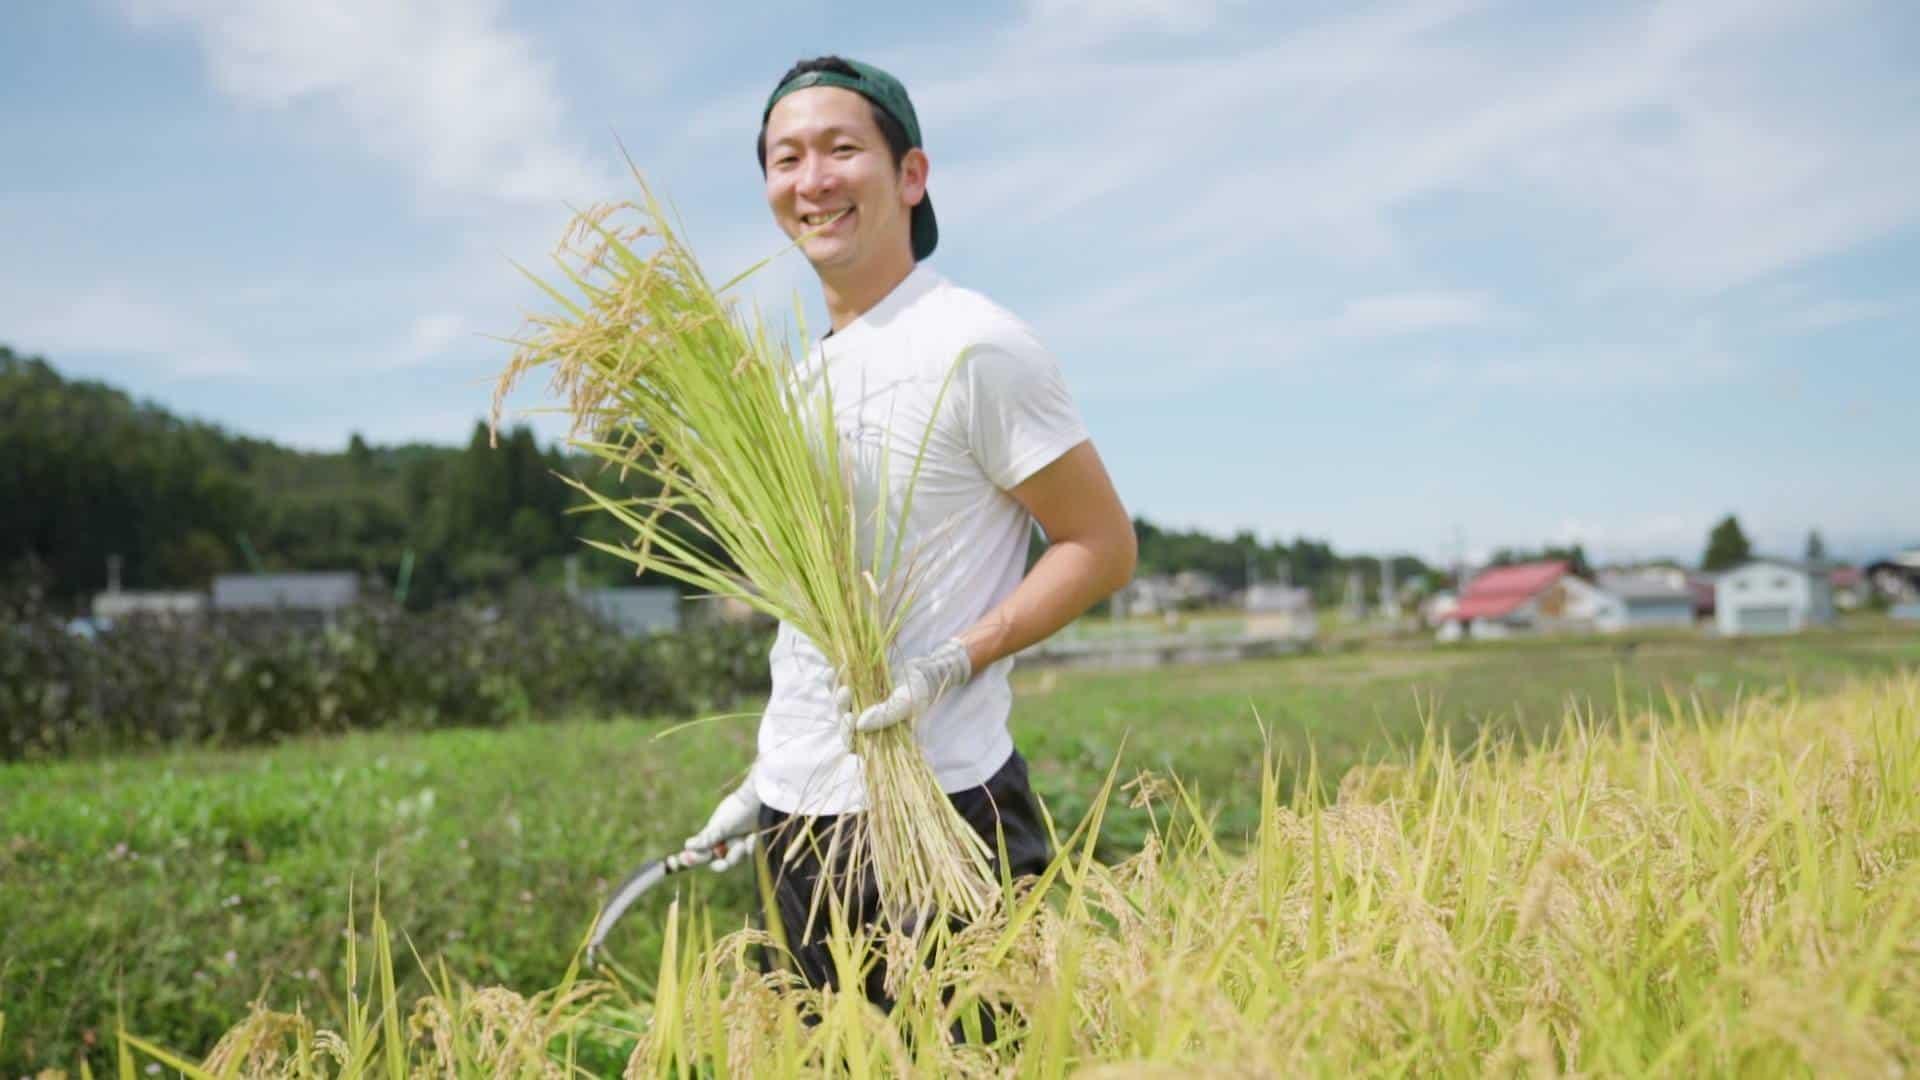 米沢の米農家で稲刈りの様子/この他にもレタス農場、トマト農家、ズッキーニ農場、レンコン農業、田植え体験など、継続的に農家を訪れ、WithGreenで取り扱う食材を選んでいる。